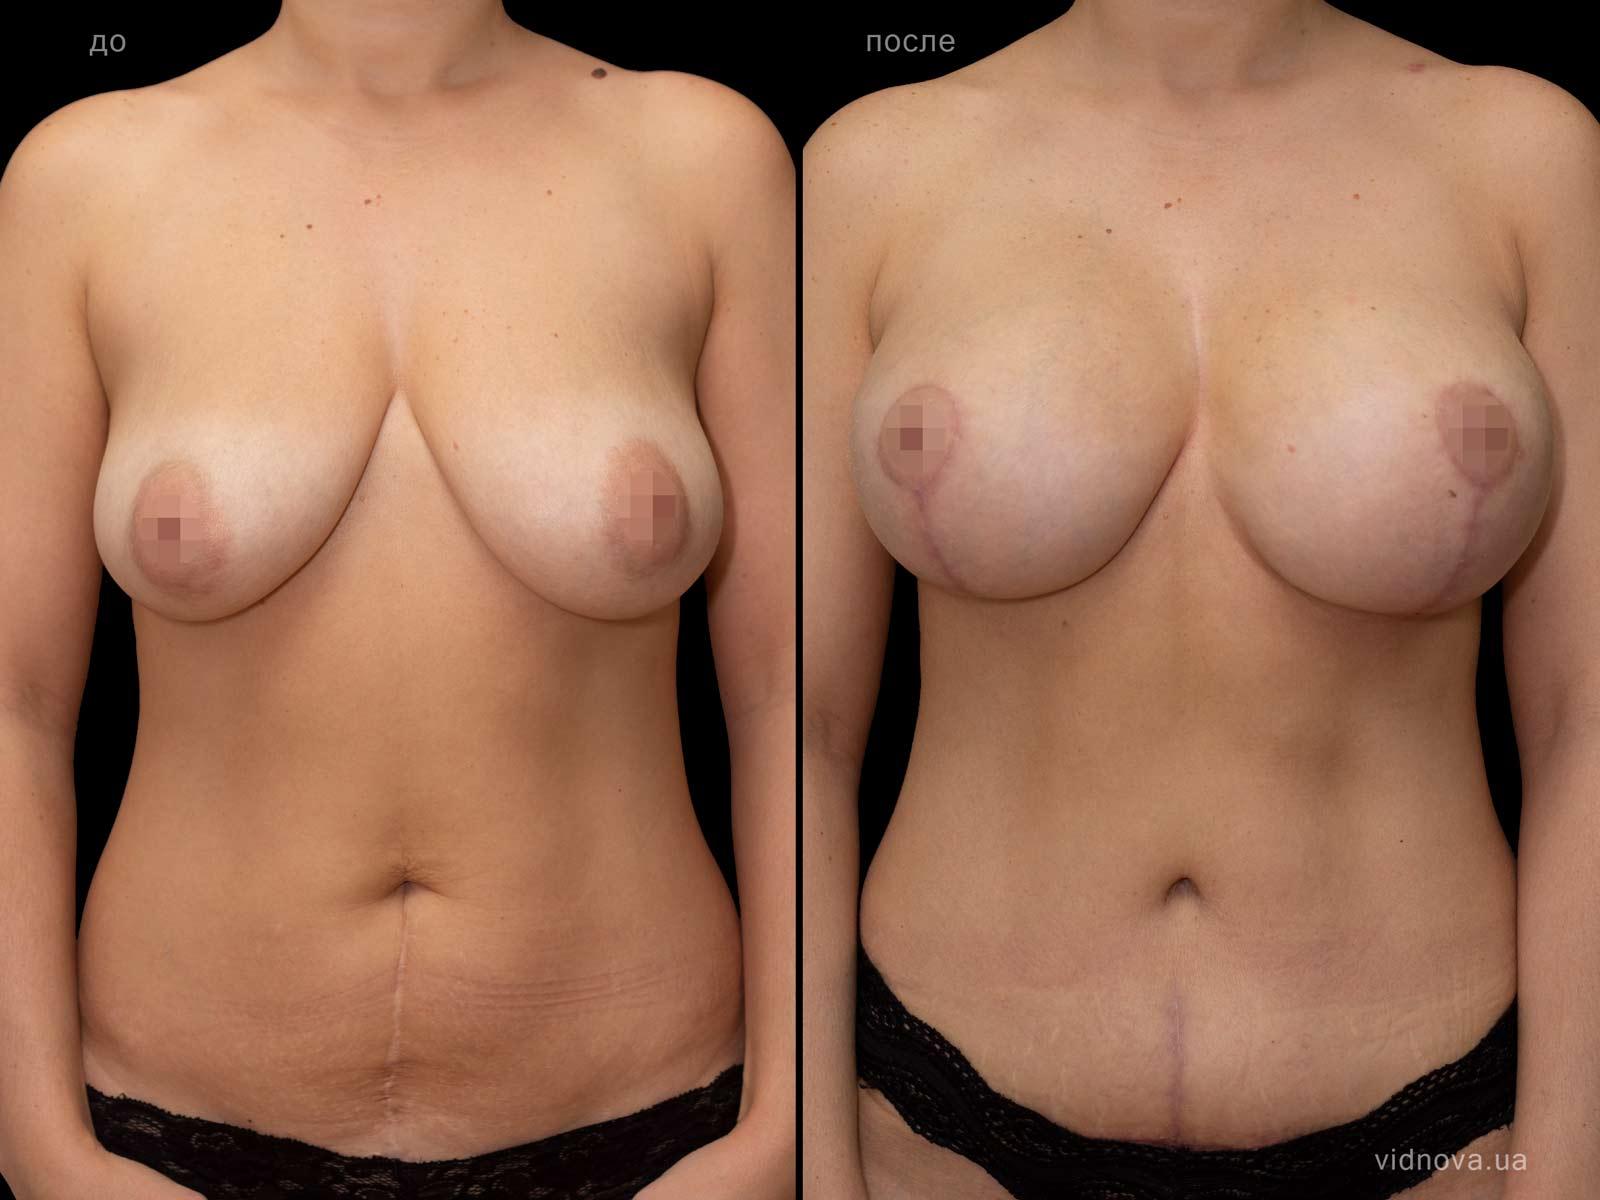 Пластика груди: результаты до и после - Пример №88-1 - Светлана Работенко